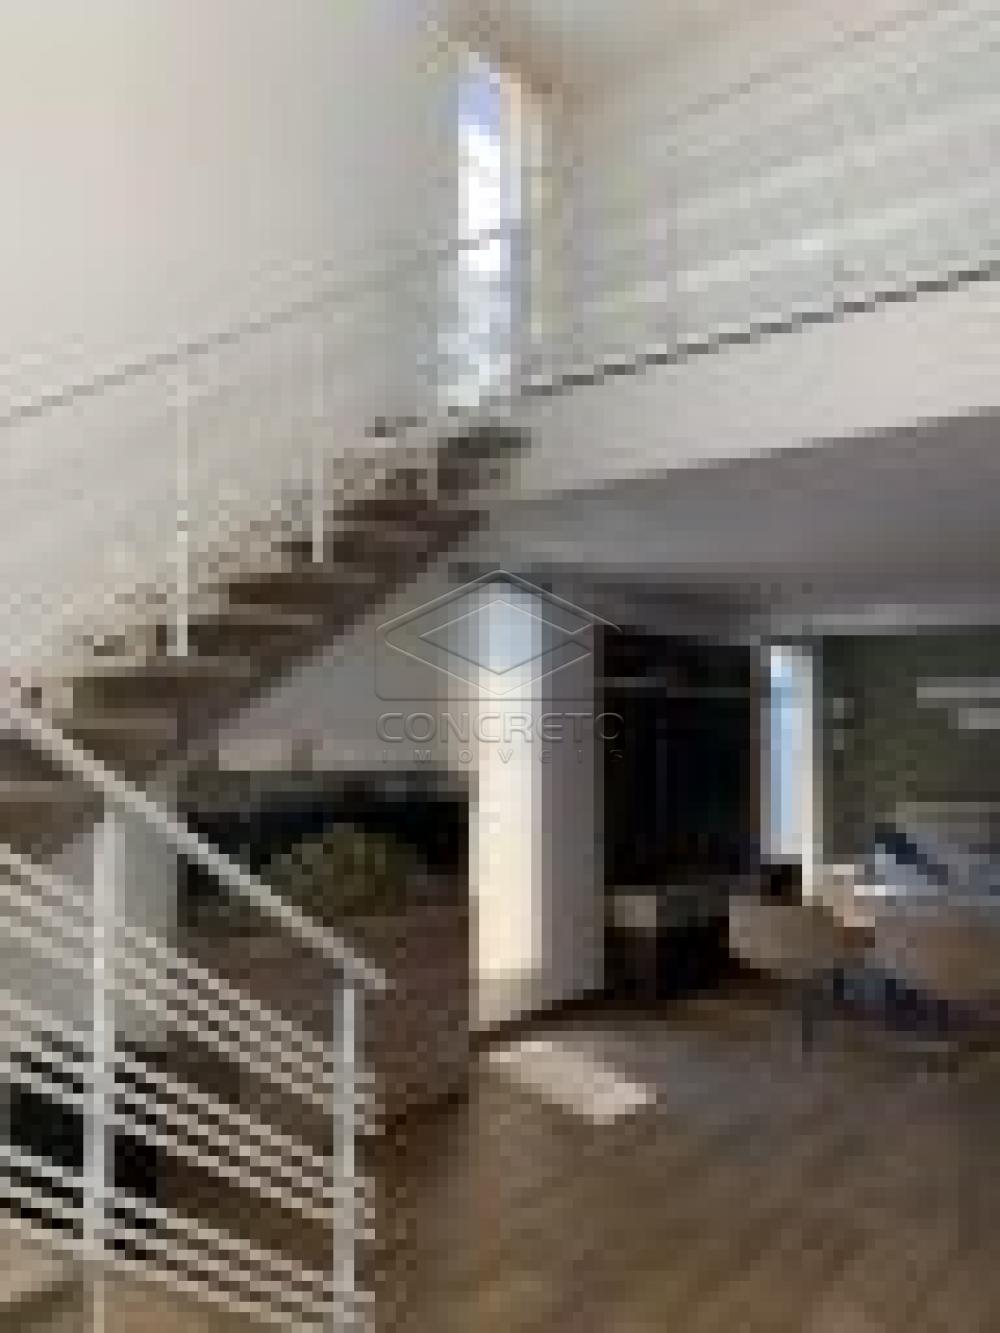 Comprar Casa / Padrão em Sao Manuel apenas R$ 650.000,00 - Foto 111